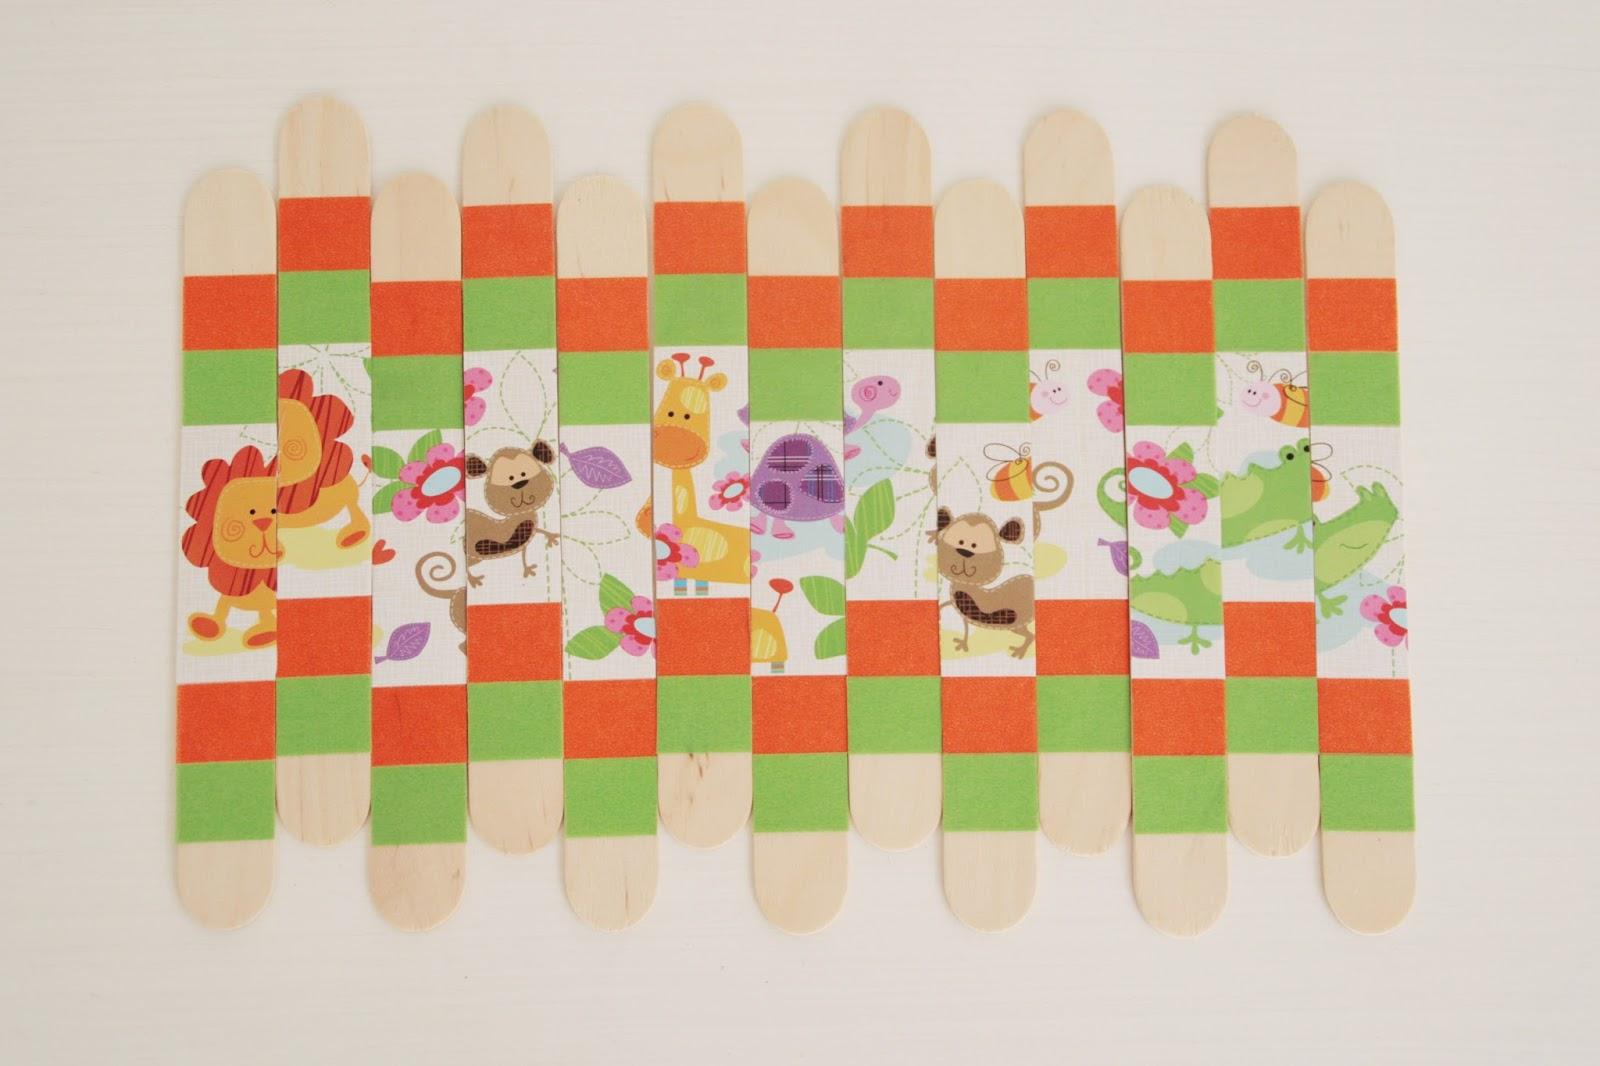 Aparty c mo hacer un puzzle para ni os con palos de madera - Puzzles para ninos pequenos ...